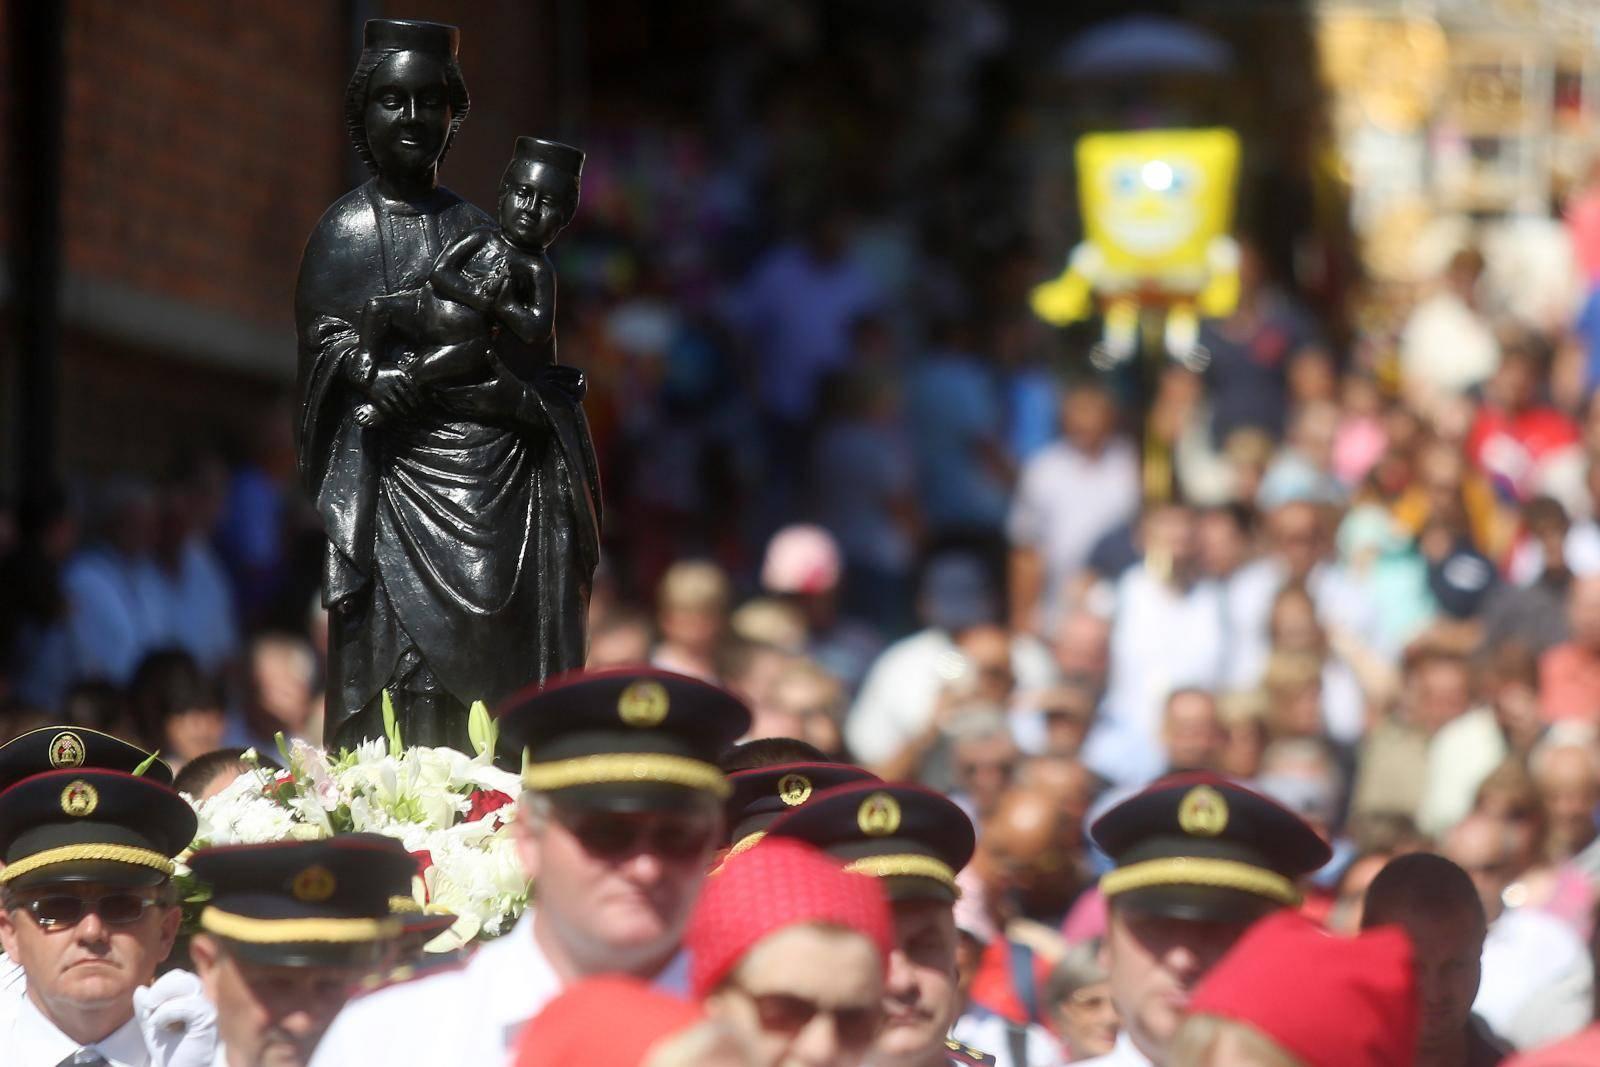 Čuda Majke Božje: Djevojka je bila nepokretna, došla je do kipa Gospe u crkvi i ozdravila...